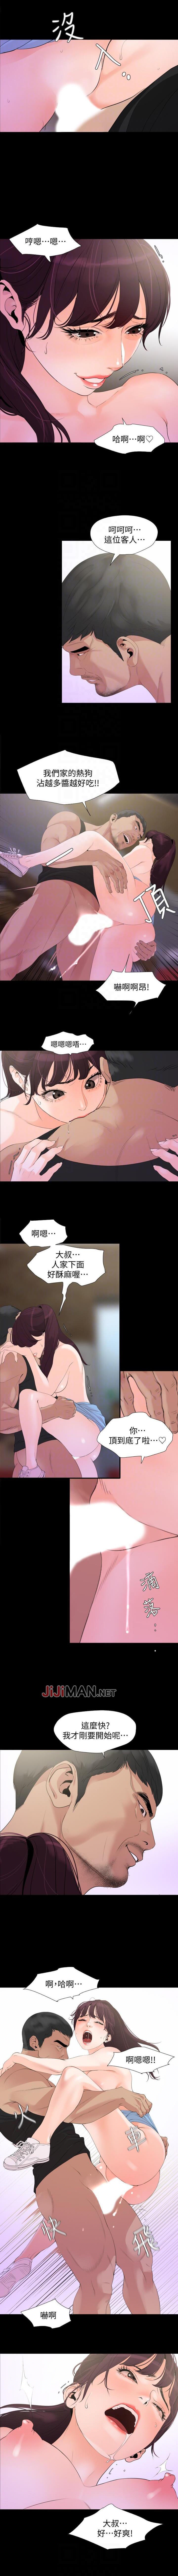 【周一连载】与岳母同屋(作者: 橘皮&黑嘿嘿) 第1~16话 19